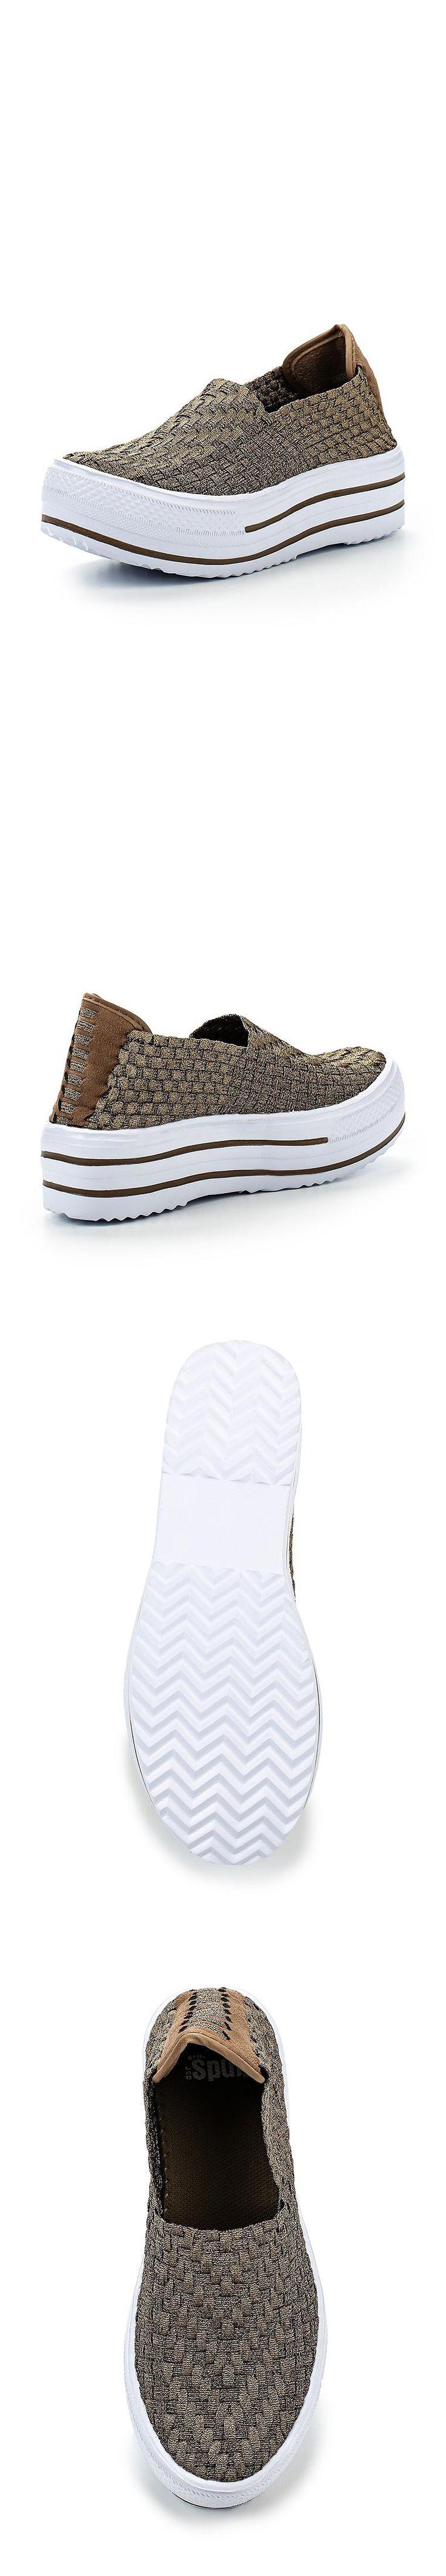 Женская обувь слипоны Spur за 2990.00 руб.